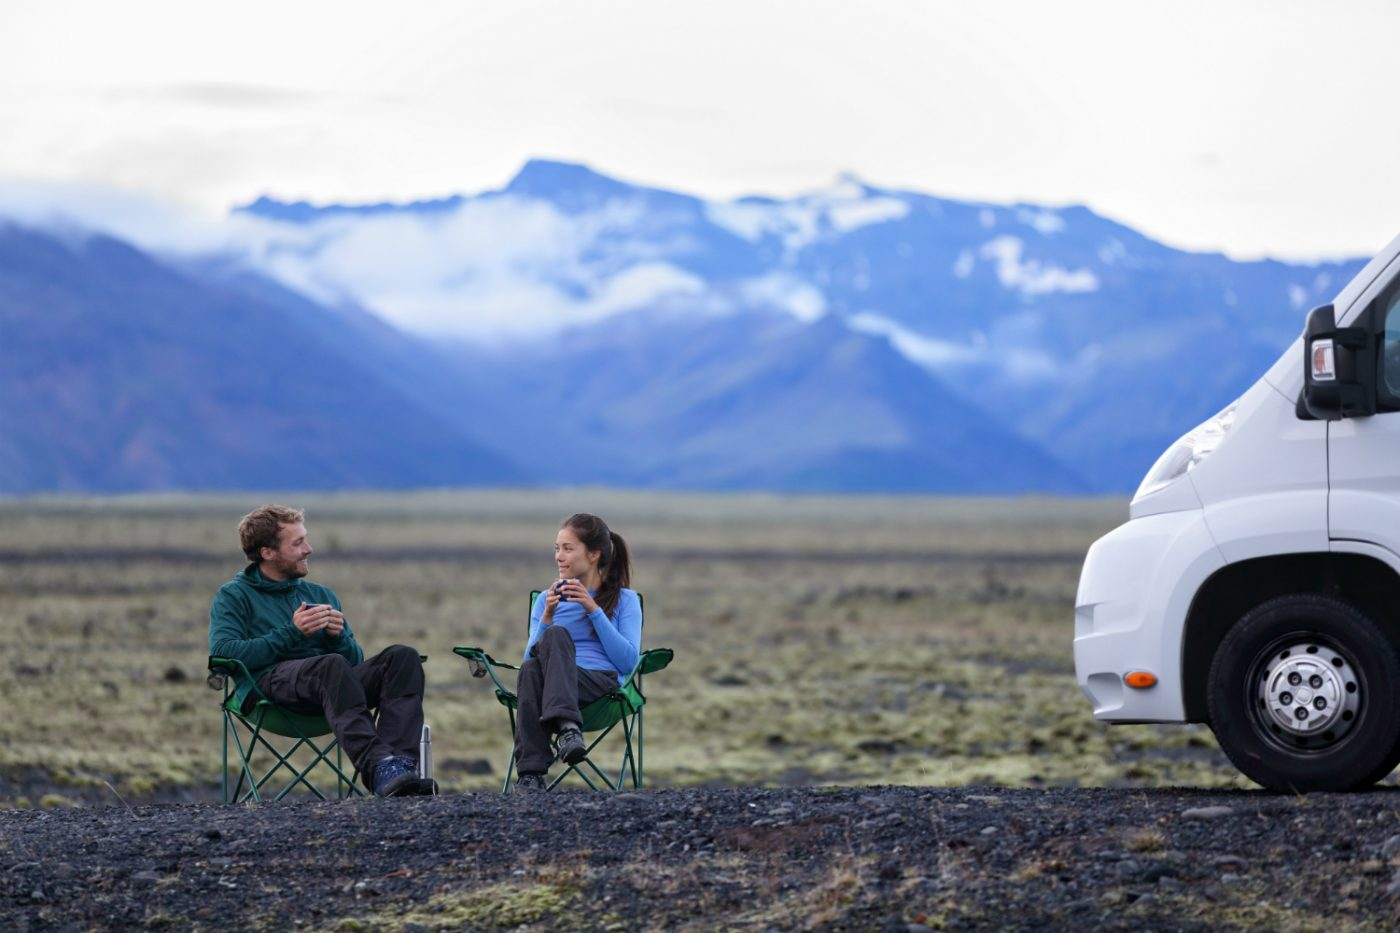 Ein Paar sitzt auf Campingstühlen neben einem Wohnmobil inmitten der Landschaft Islands.